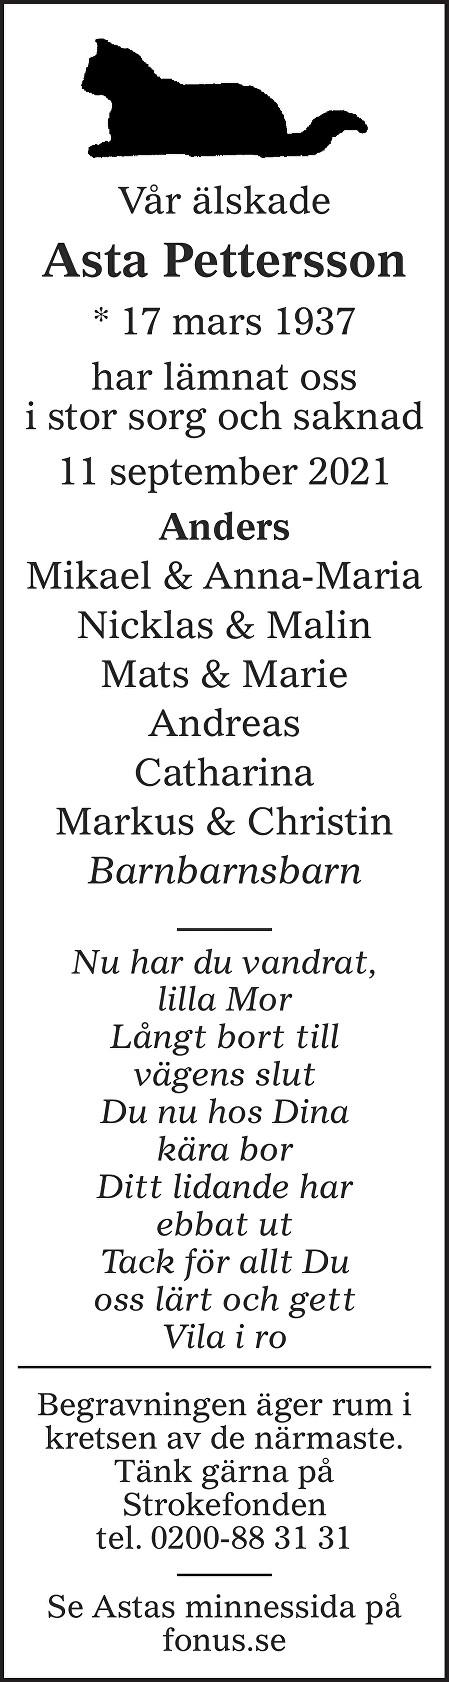 Asta Pettersson Death notice